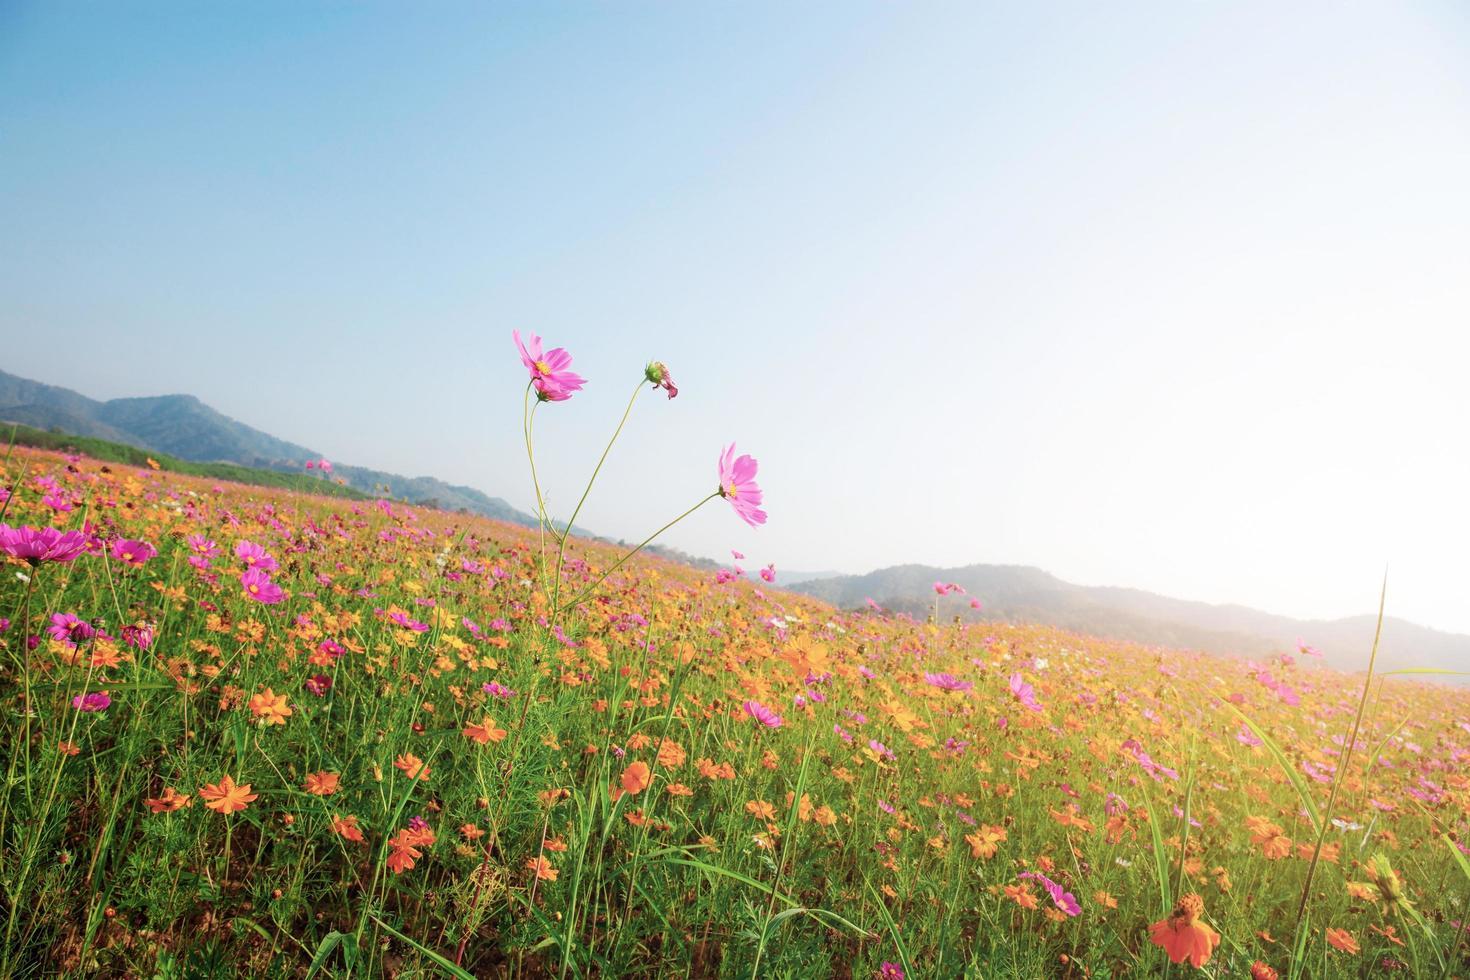 kosmos blommor i solljus foto